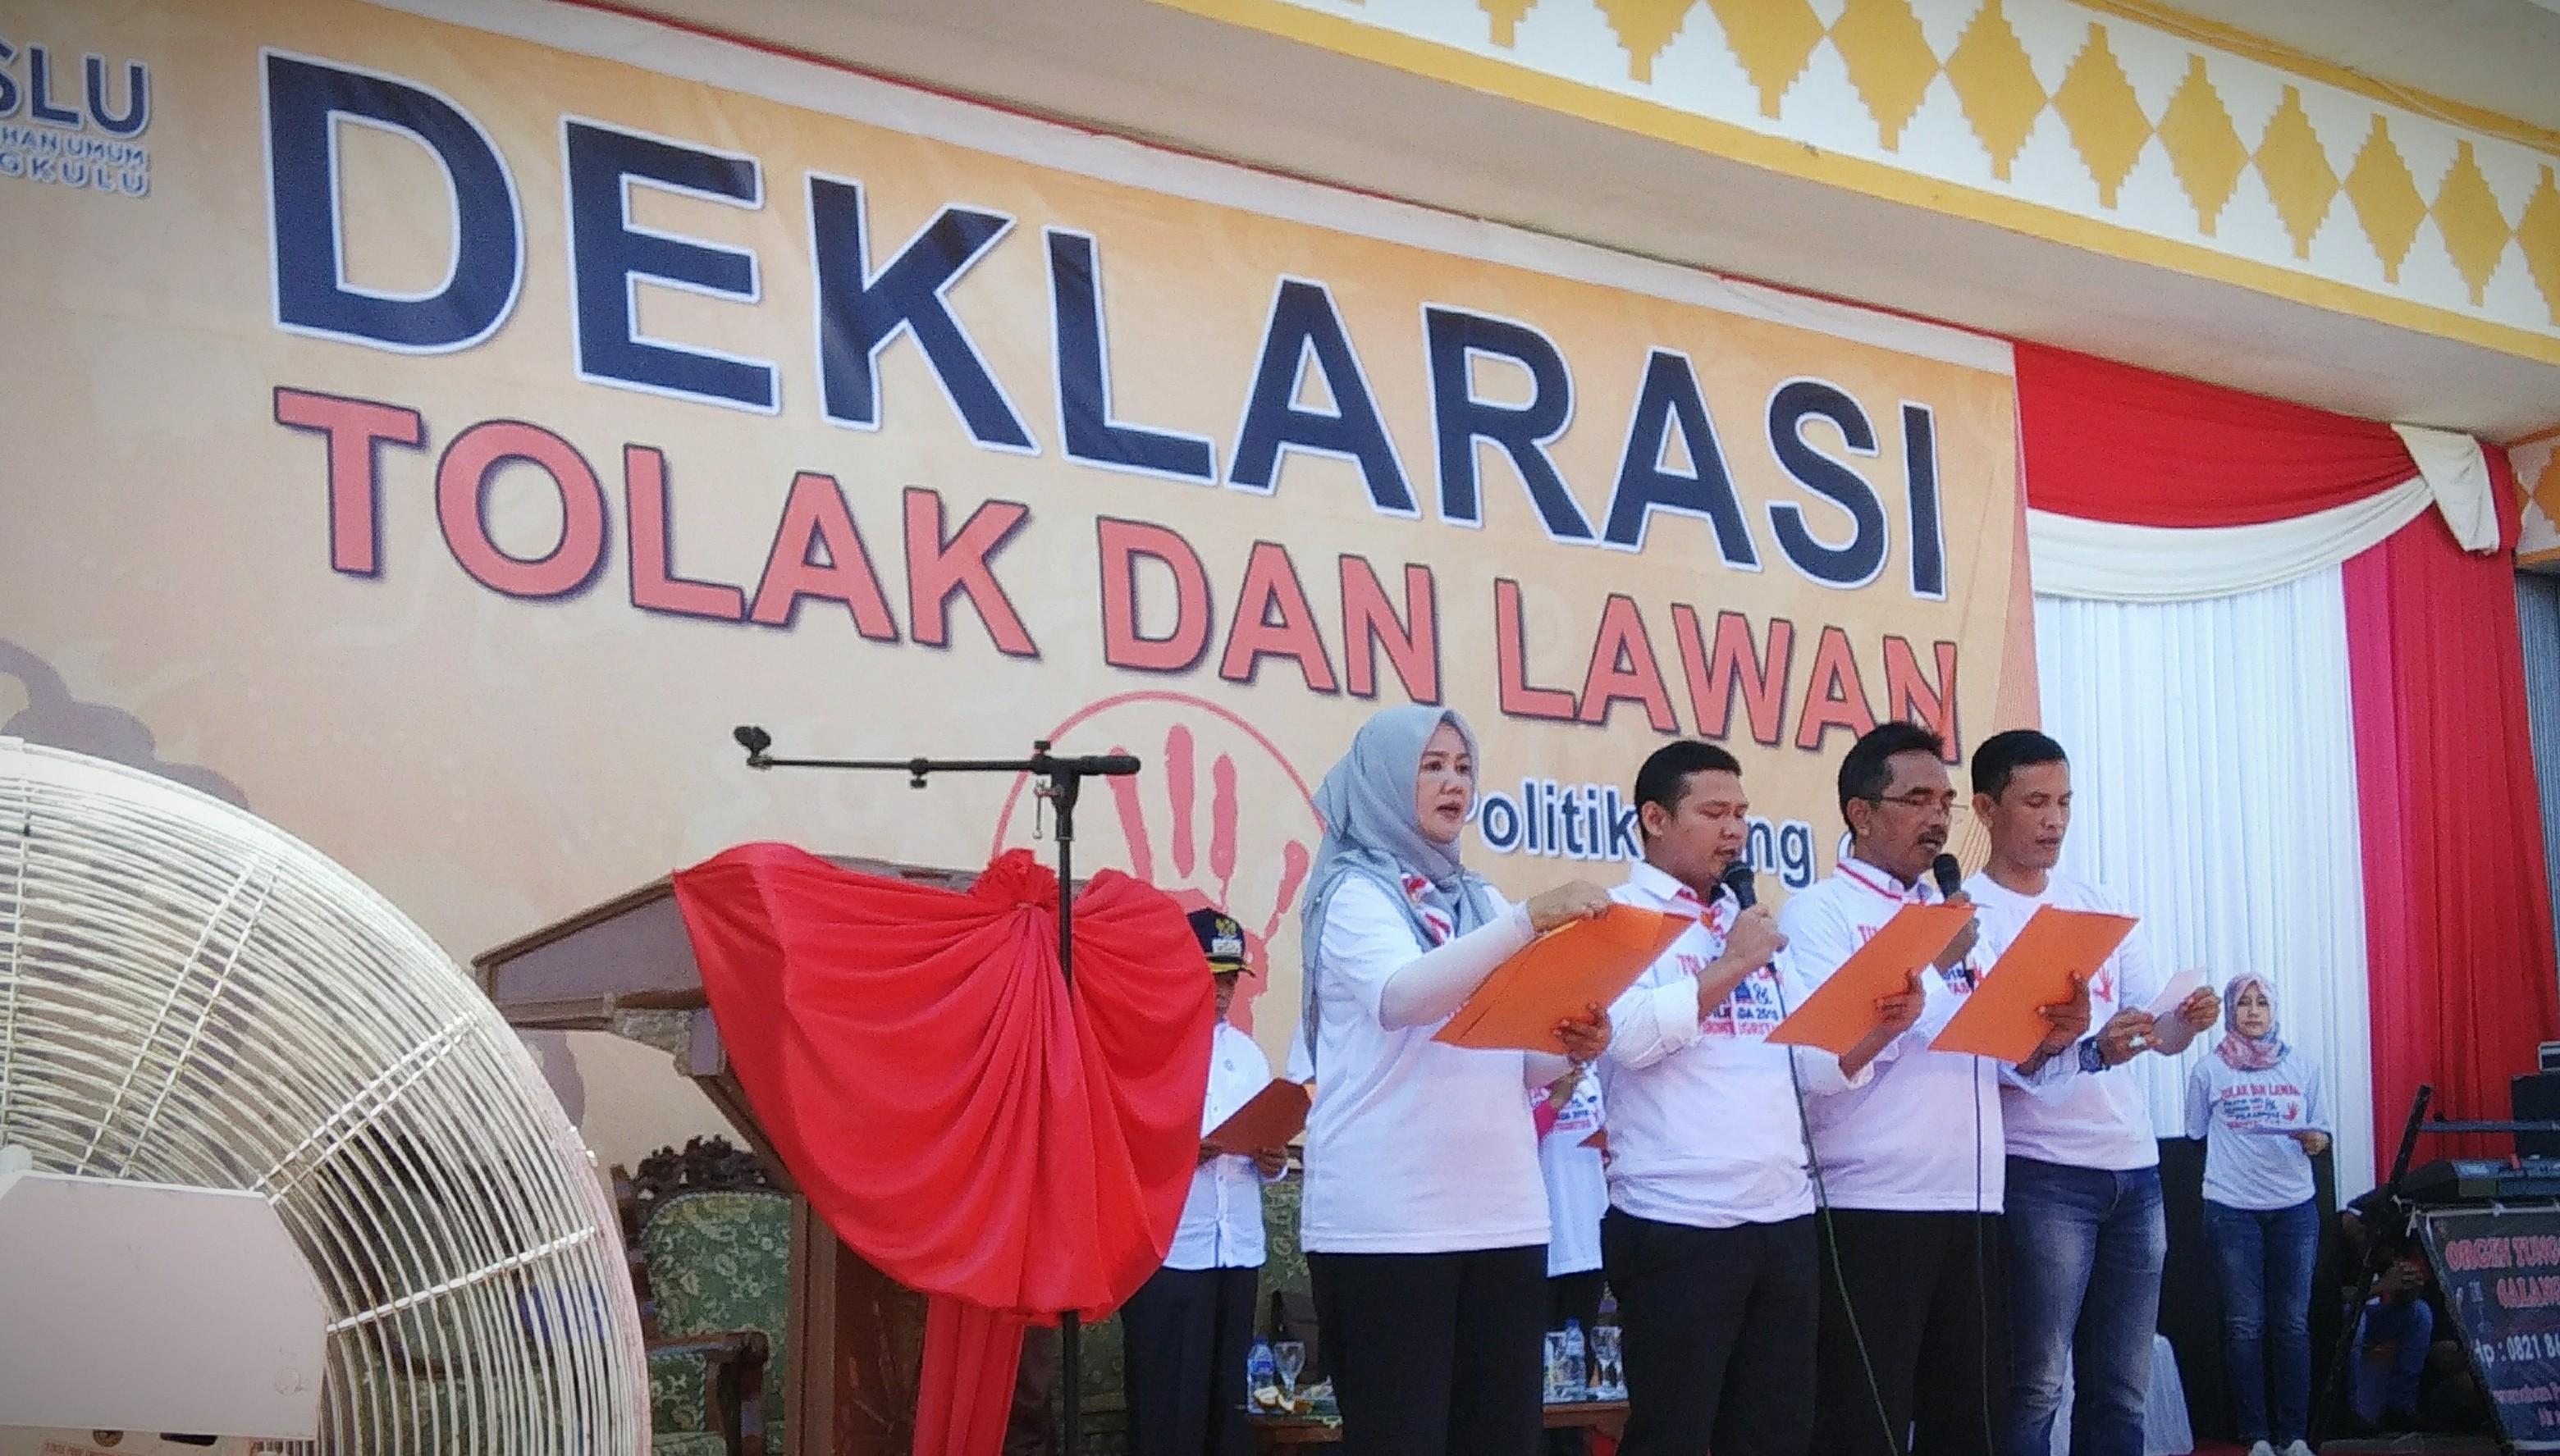 Polres Bengkulu Amankan Deklarasi Tolak dan Lawan Politik Uang dan SARA